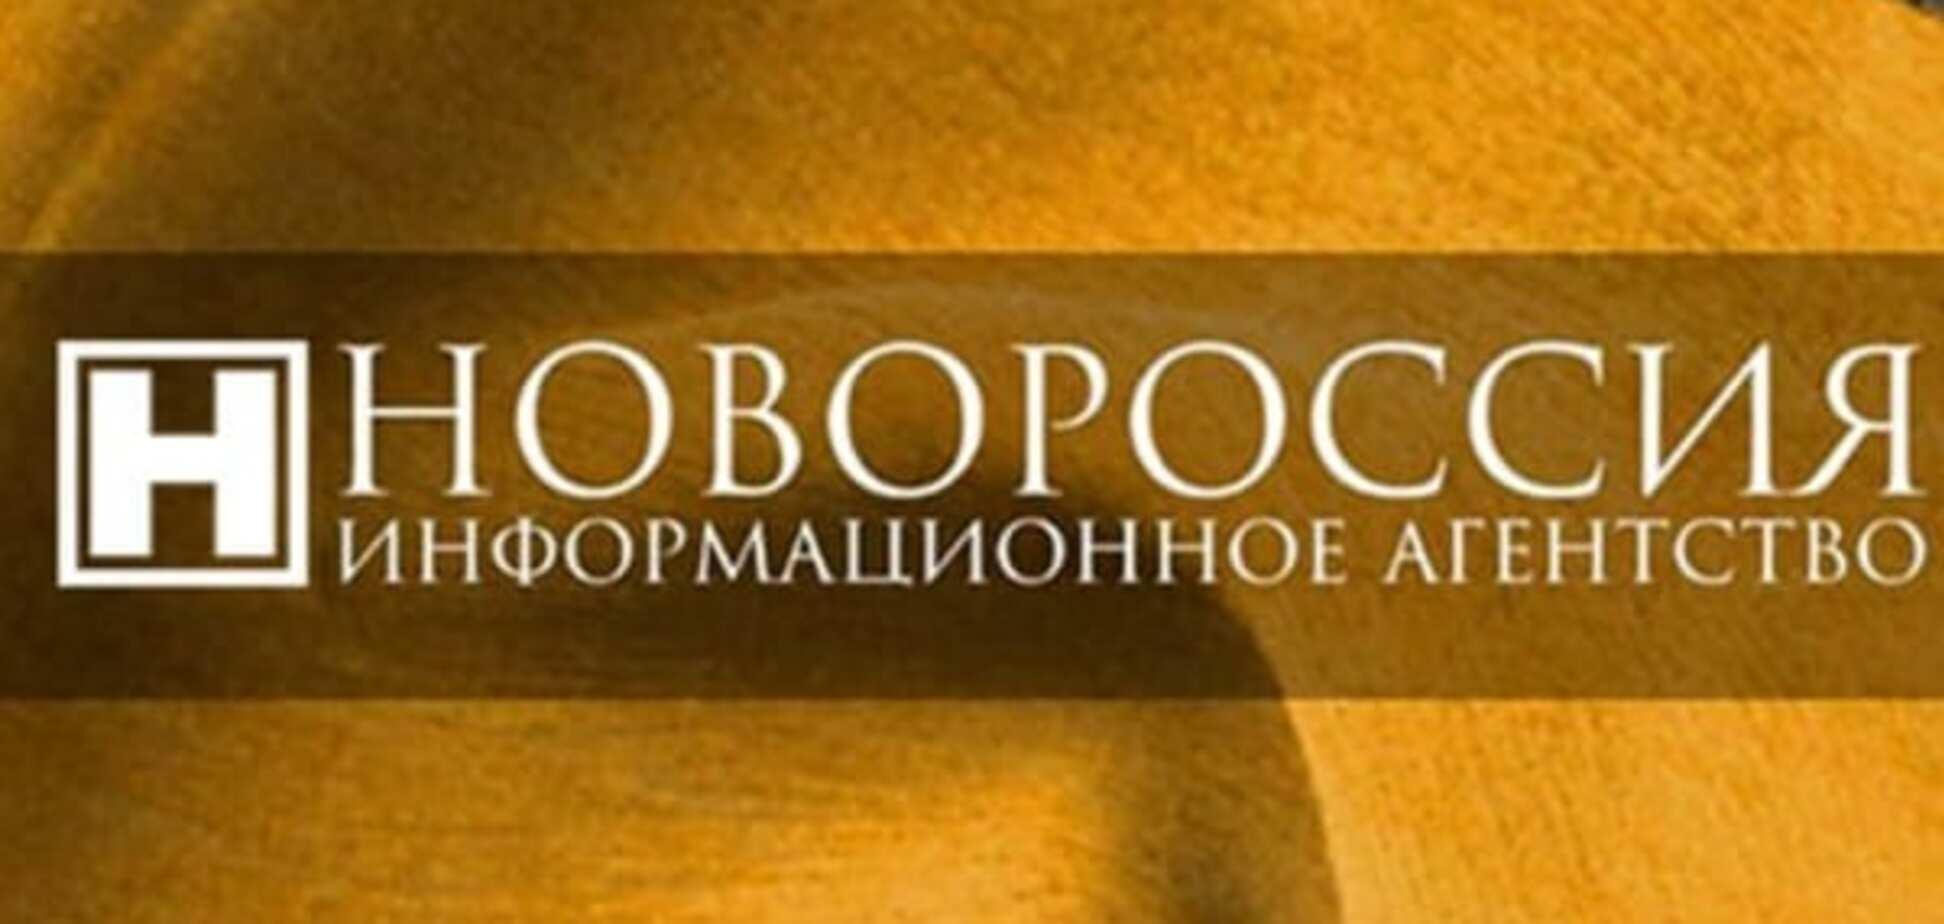 СМИ псевдореспублик распространили лживую информацию о взрыве катера в Бердянске